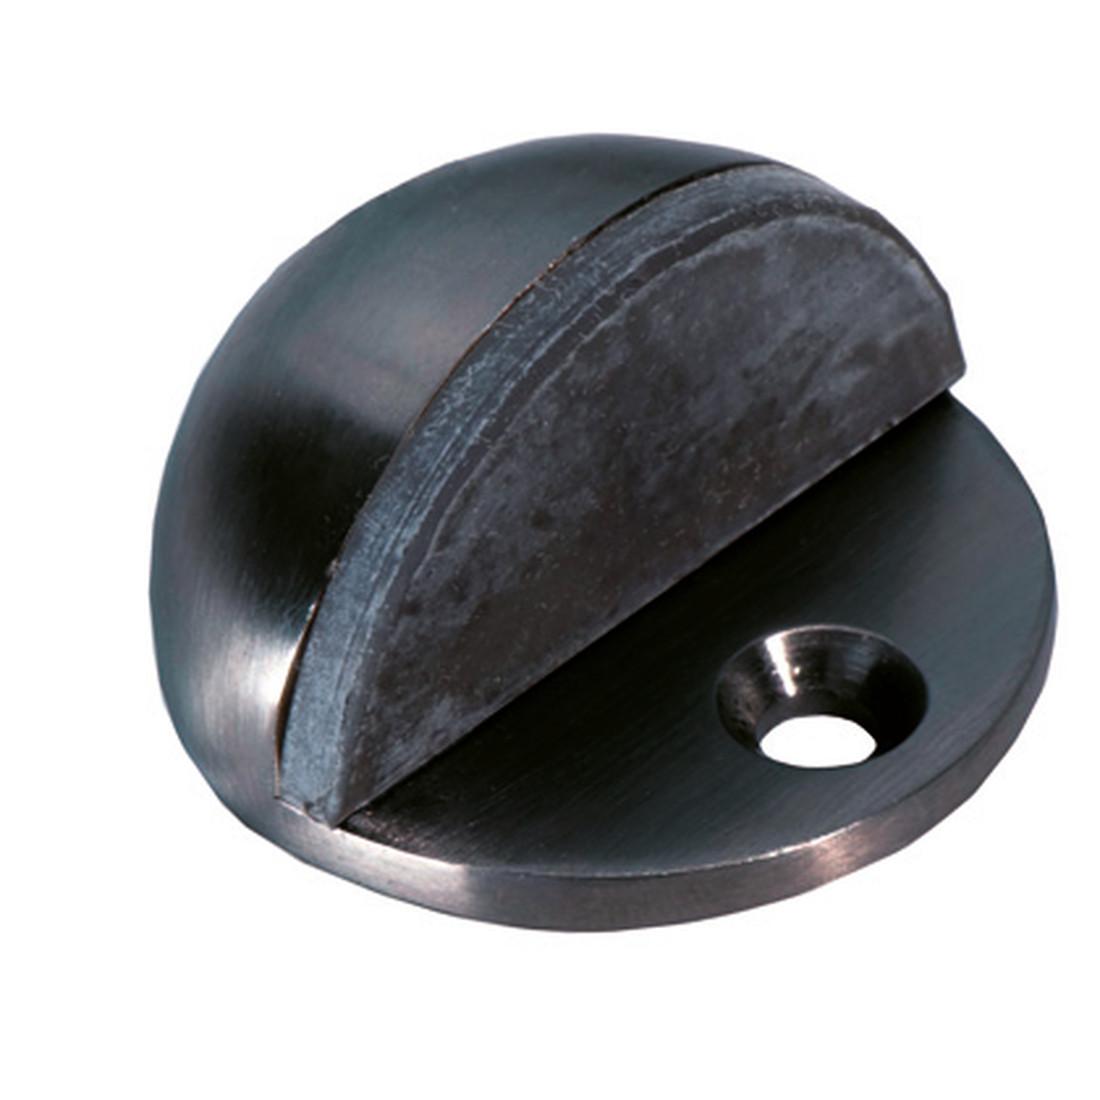 DOOR STOPPER BLACK, FOR FLOOR MOUNTING, ø 45MM, UNIVERSAL SCREW